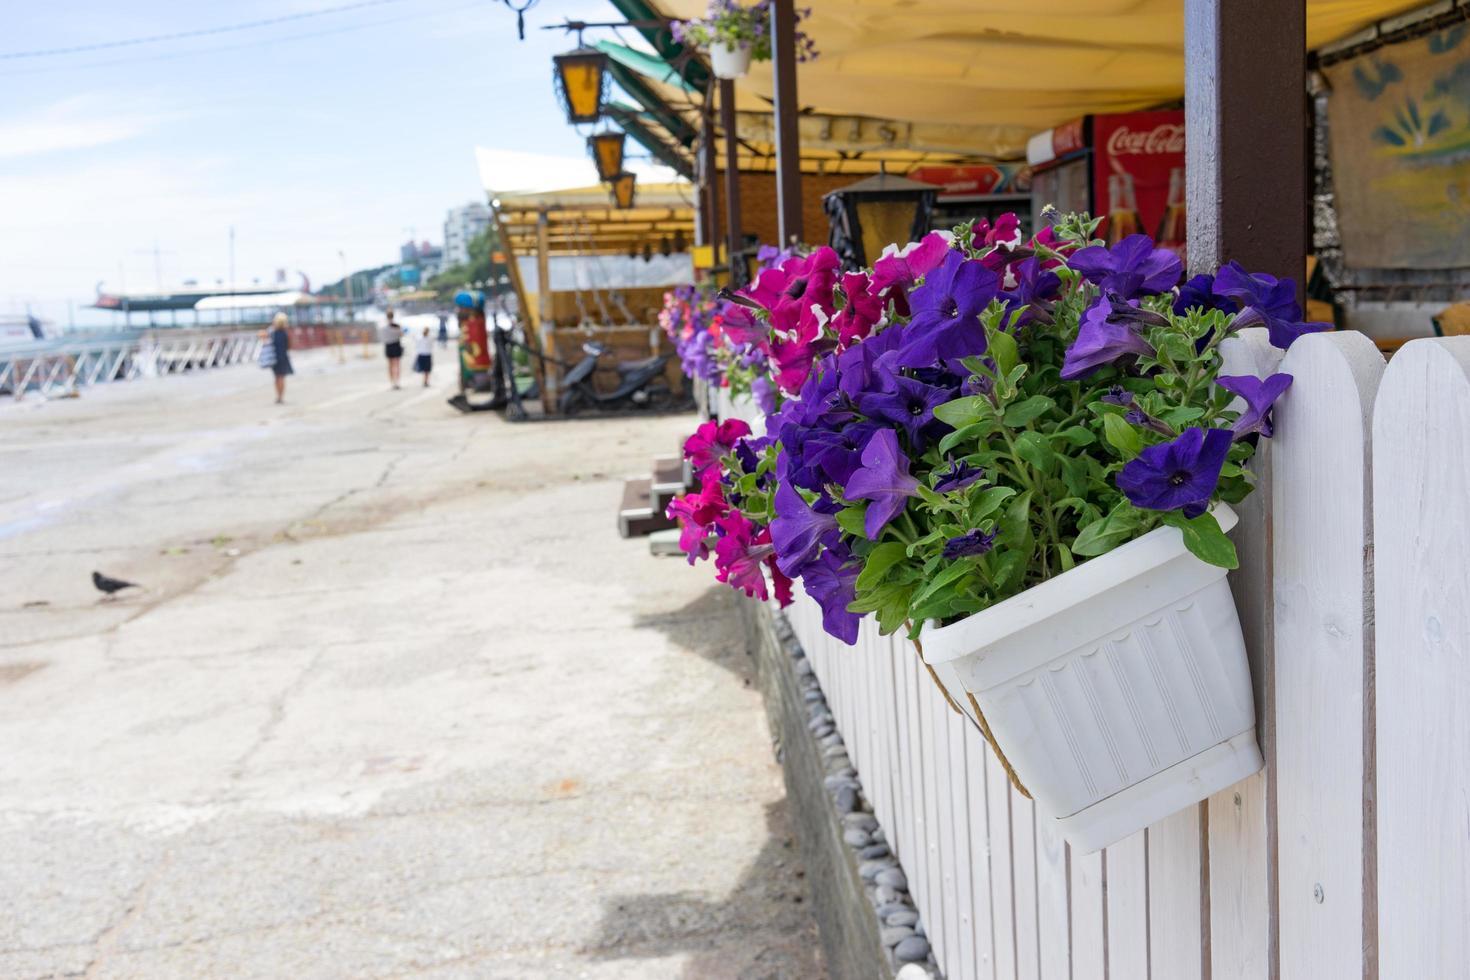 Plantes colorées sur une clôture en bois sur une promenade en bord de mer photo